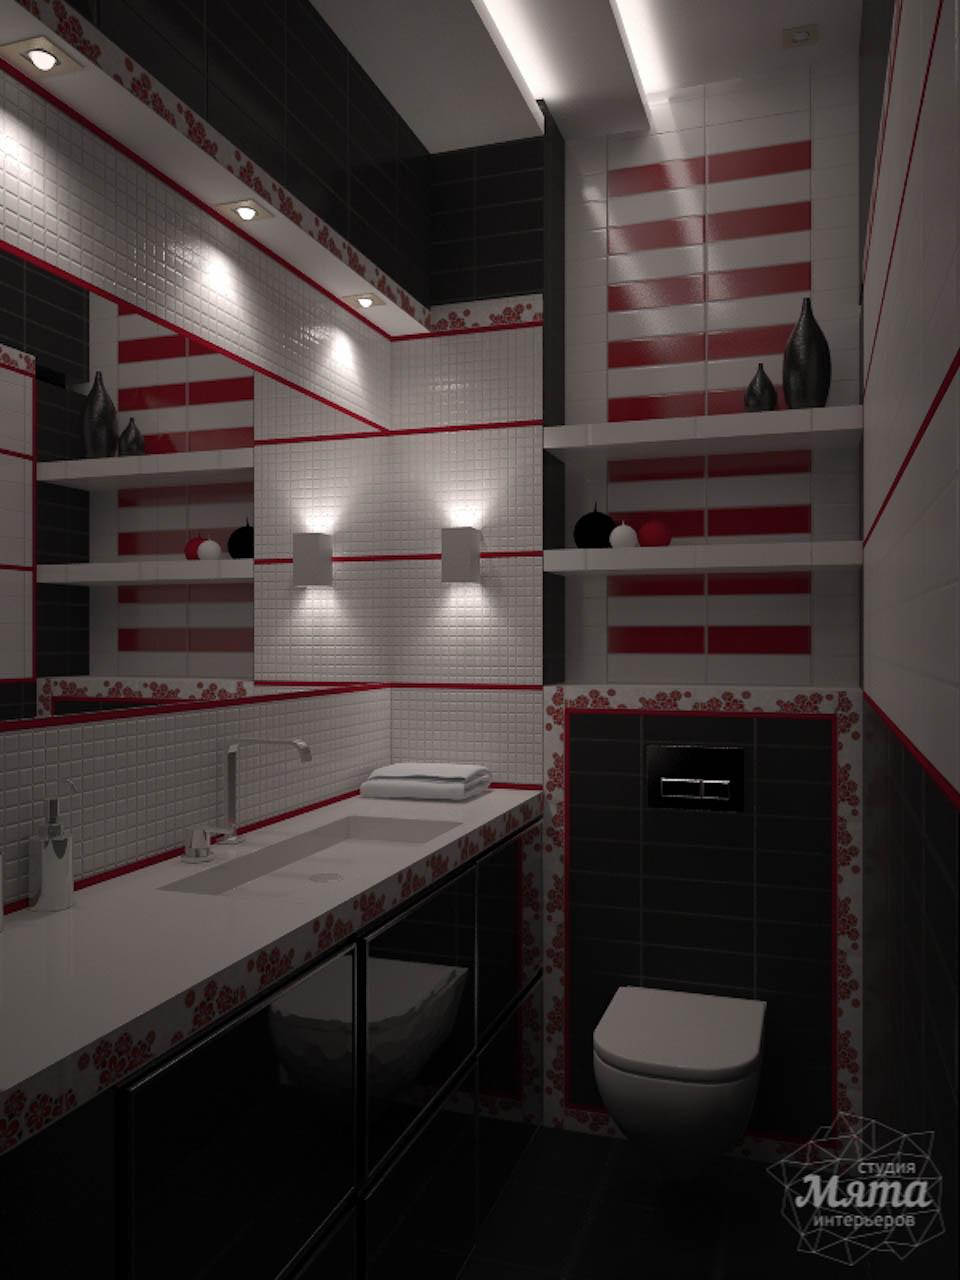 Дизайн интерьера трехкомнатной квартиры по ул. Папанина 18 img1888196262